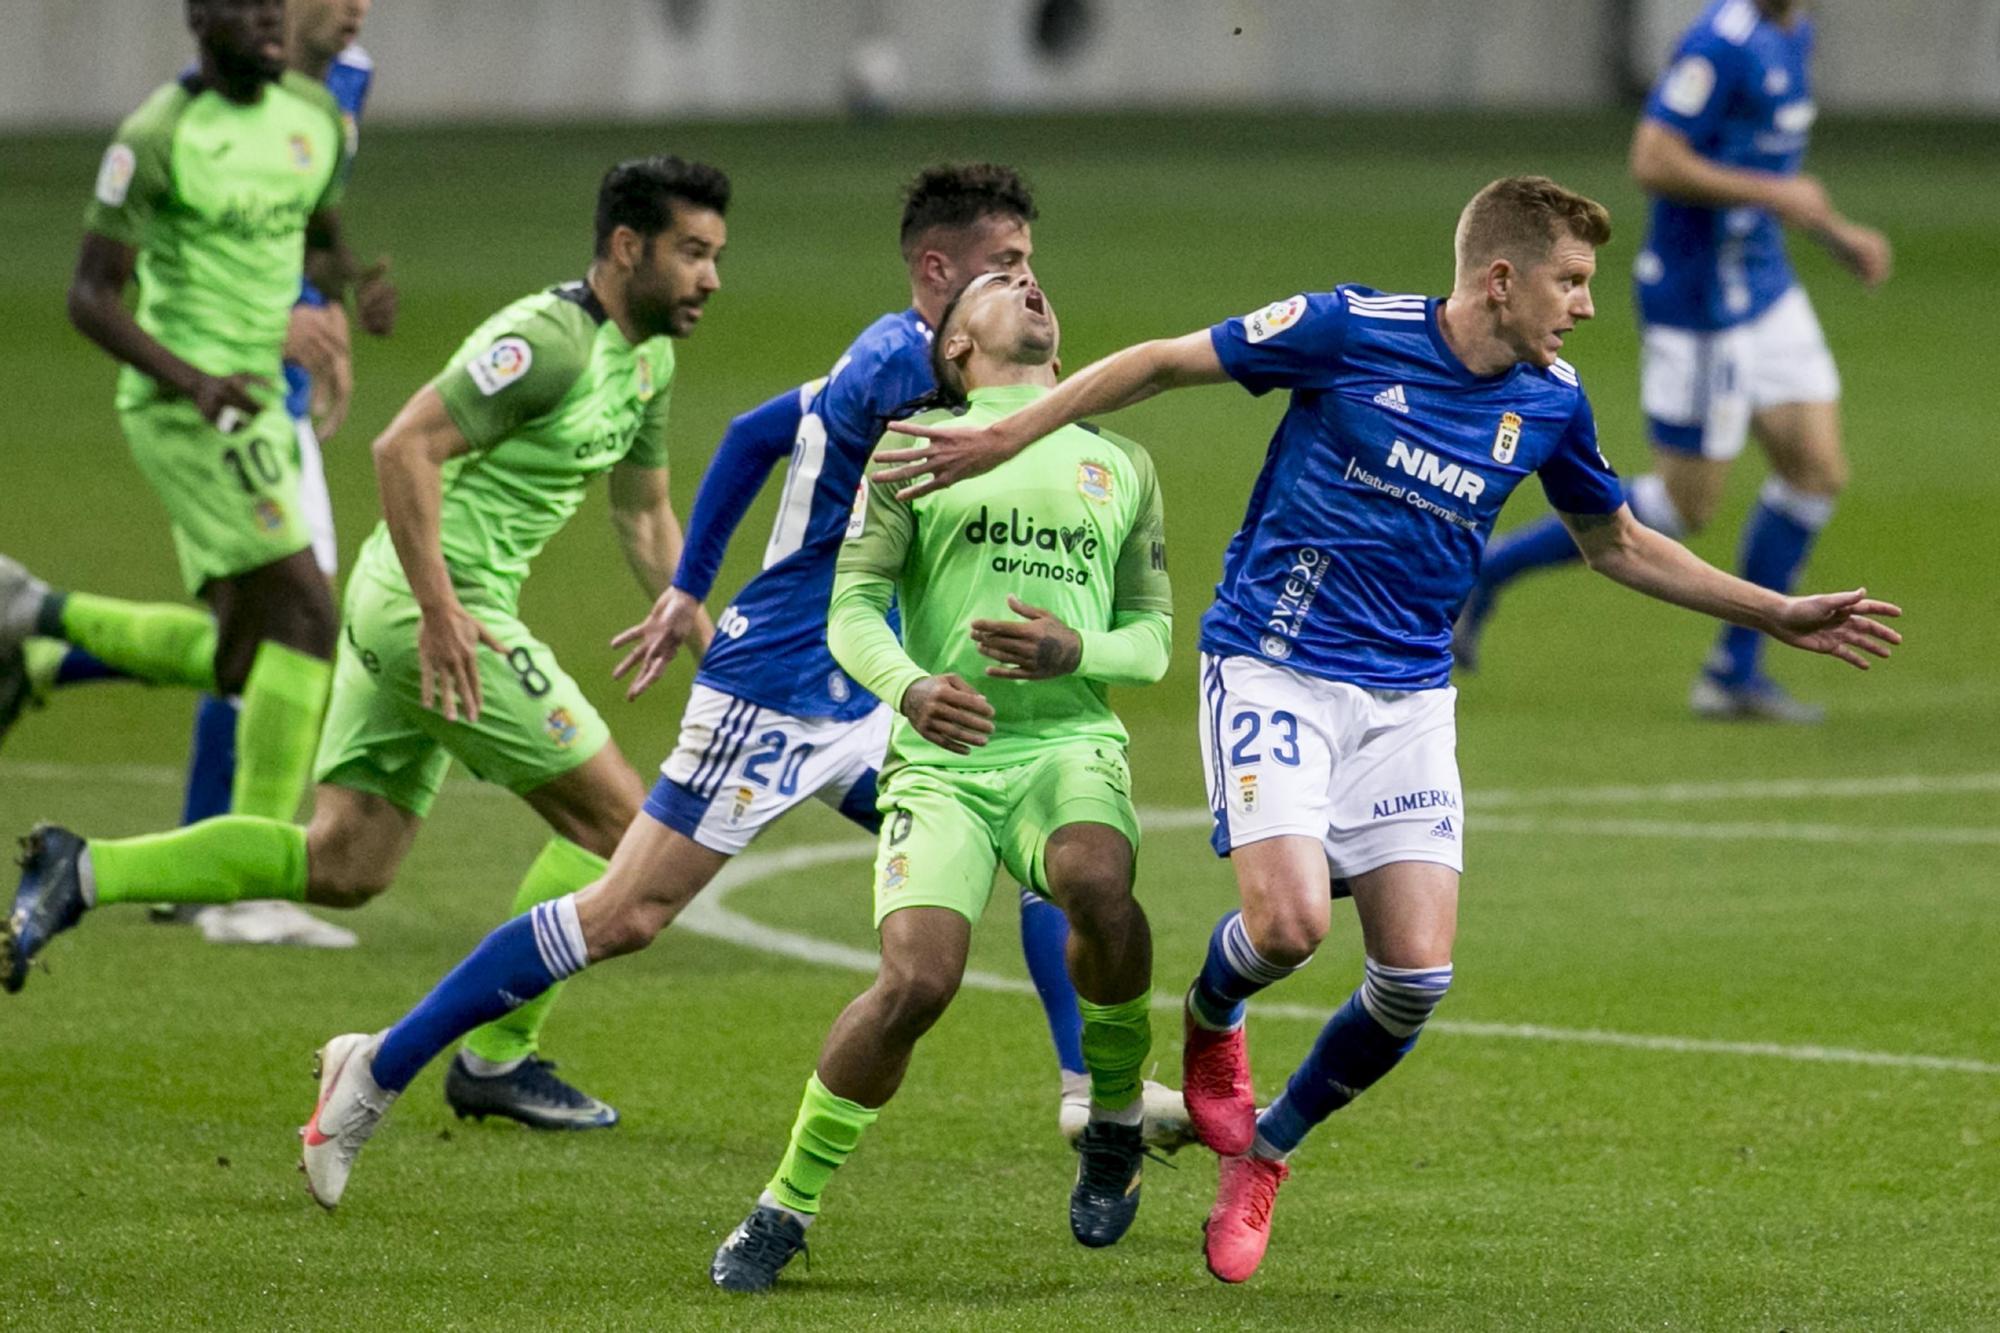 El partido entre el Real Oviedo y el Fuenlabrada, en imágenes